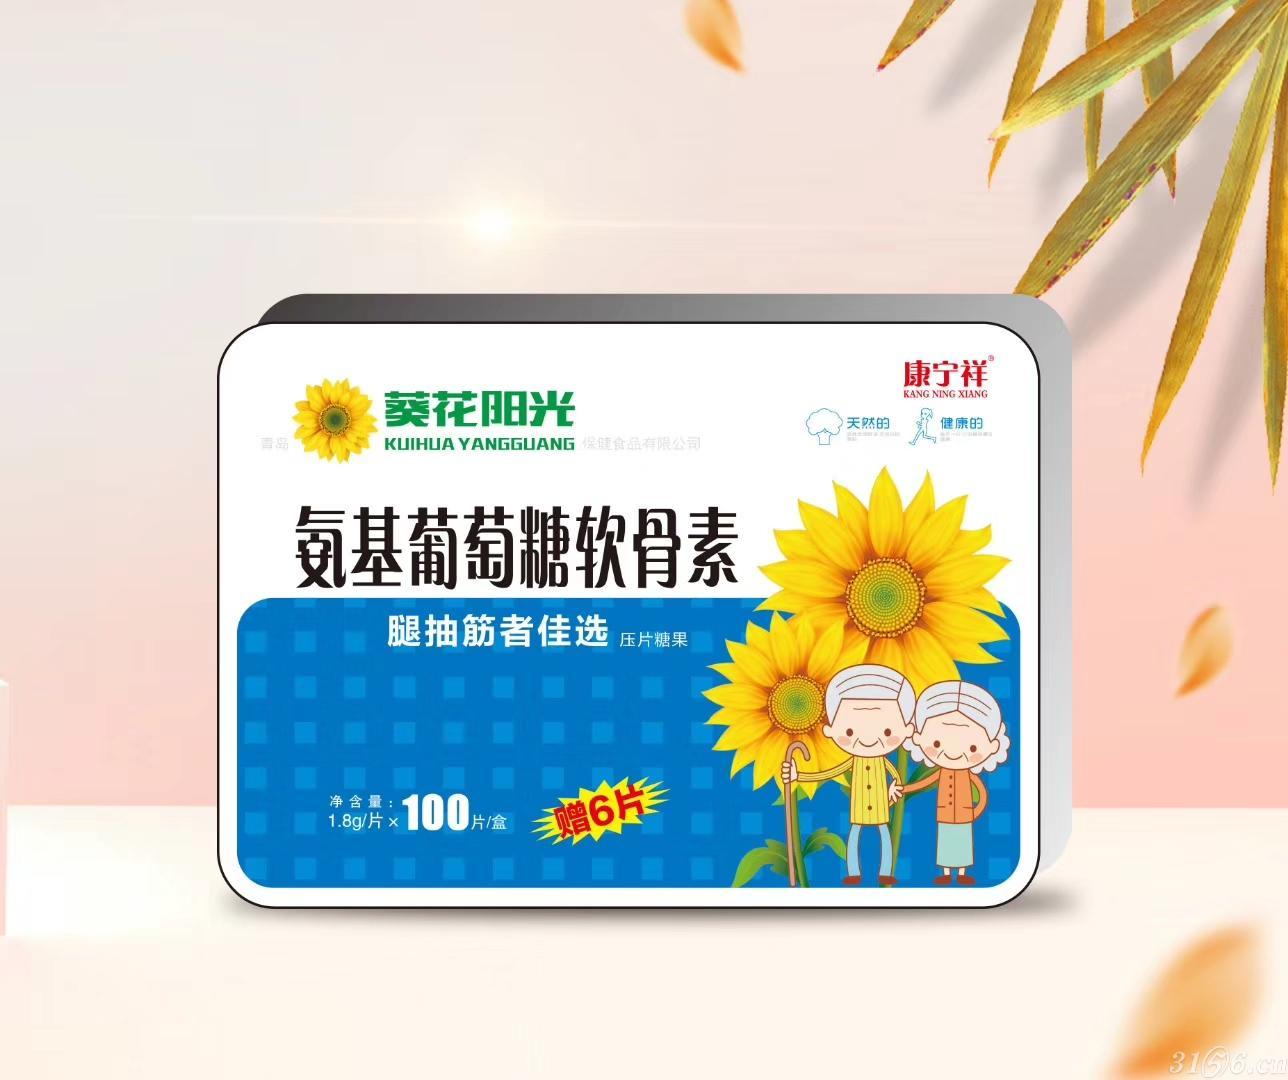 葵花陽光氨基葡萄糖軟骨素(鐵盒)